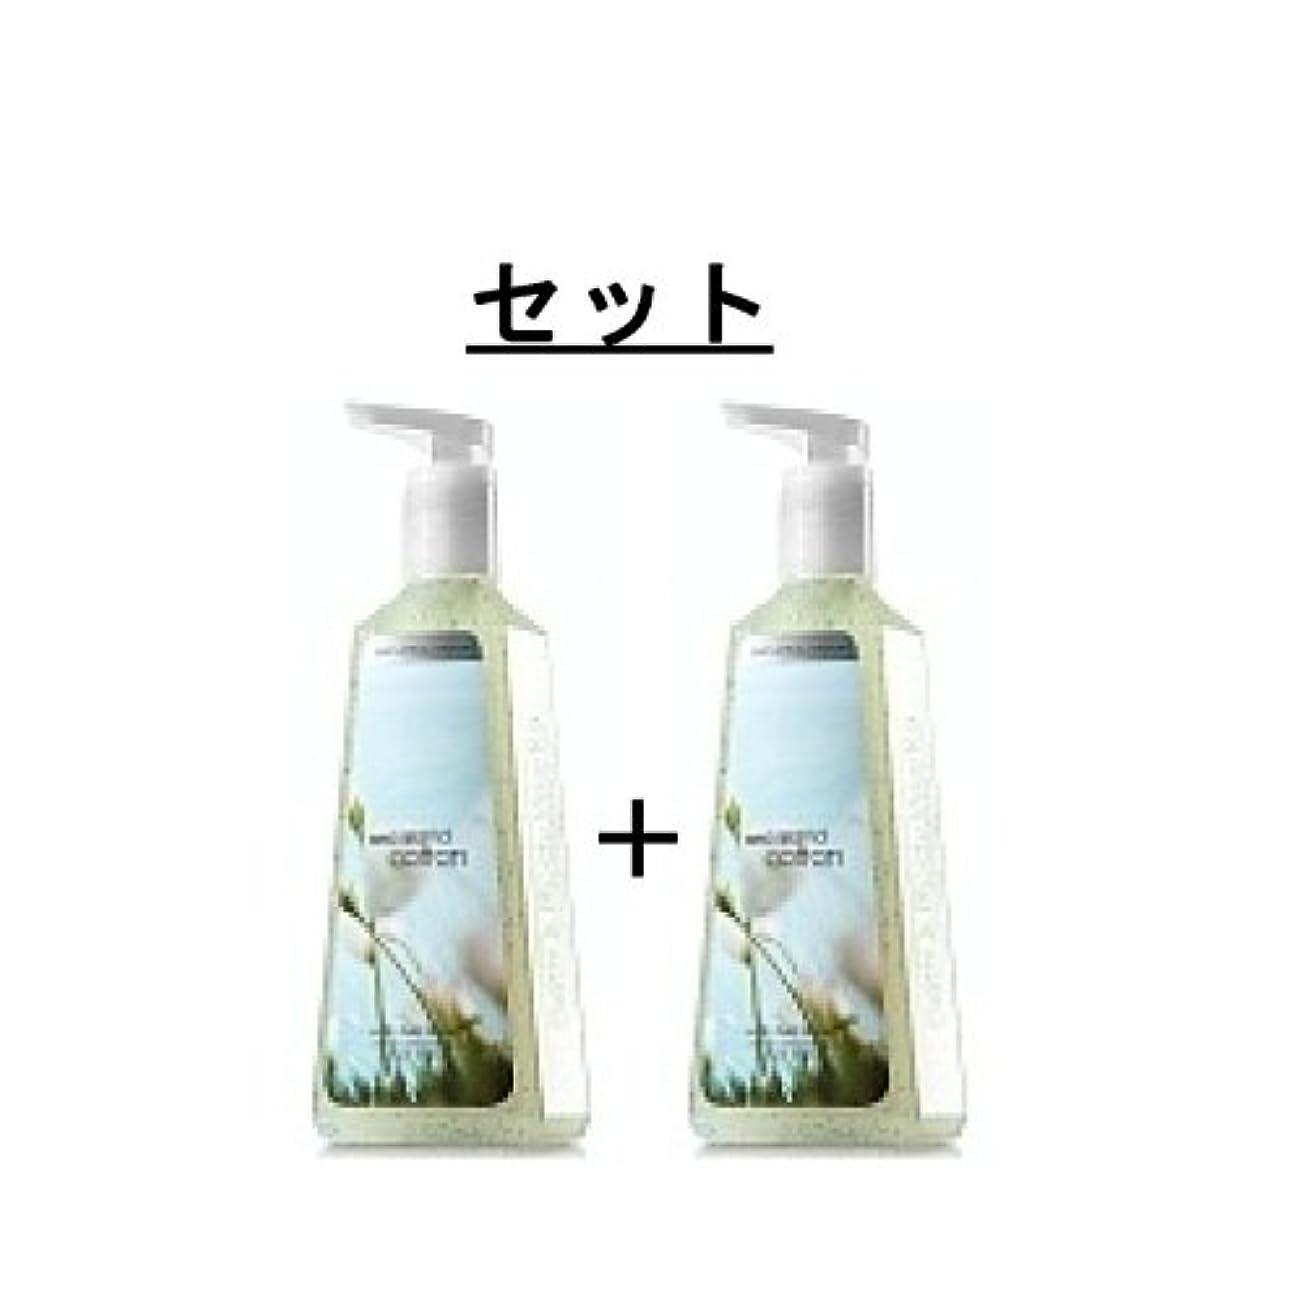 はさみそしての中でBath & Body Works Sea Island Cotton Antibacterial Deep Cleansing Hand Soap Set of 2 シーアイランドコットン【並行輸入品】